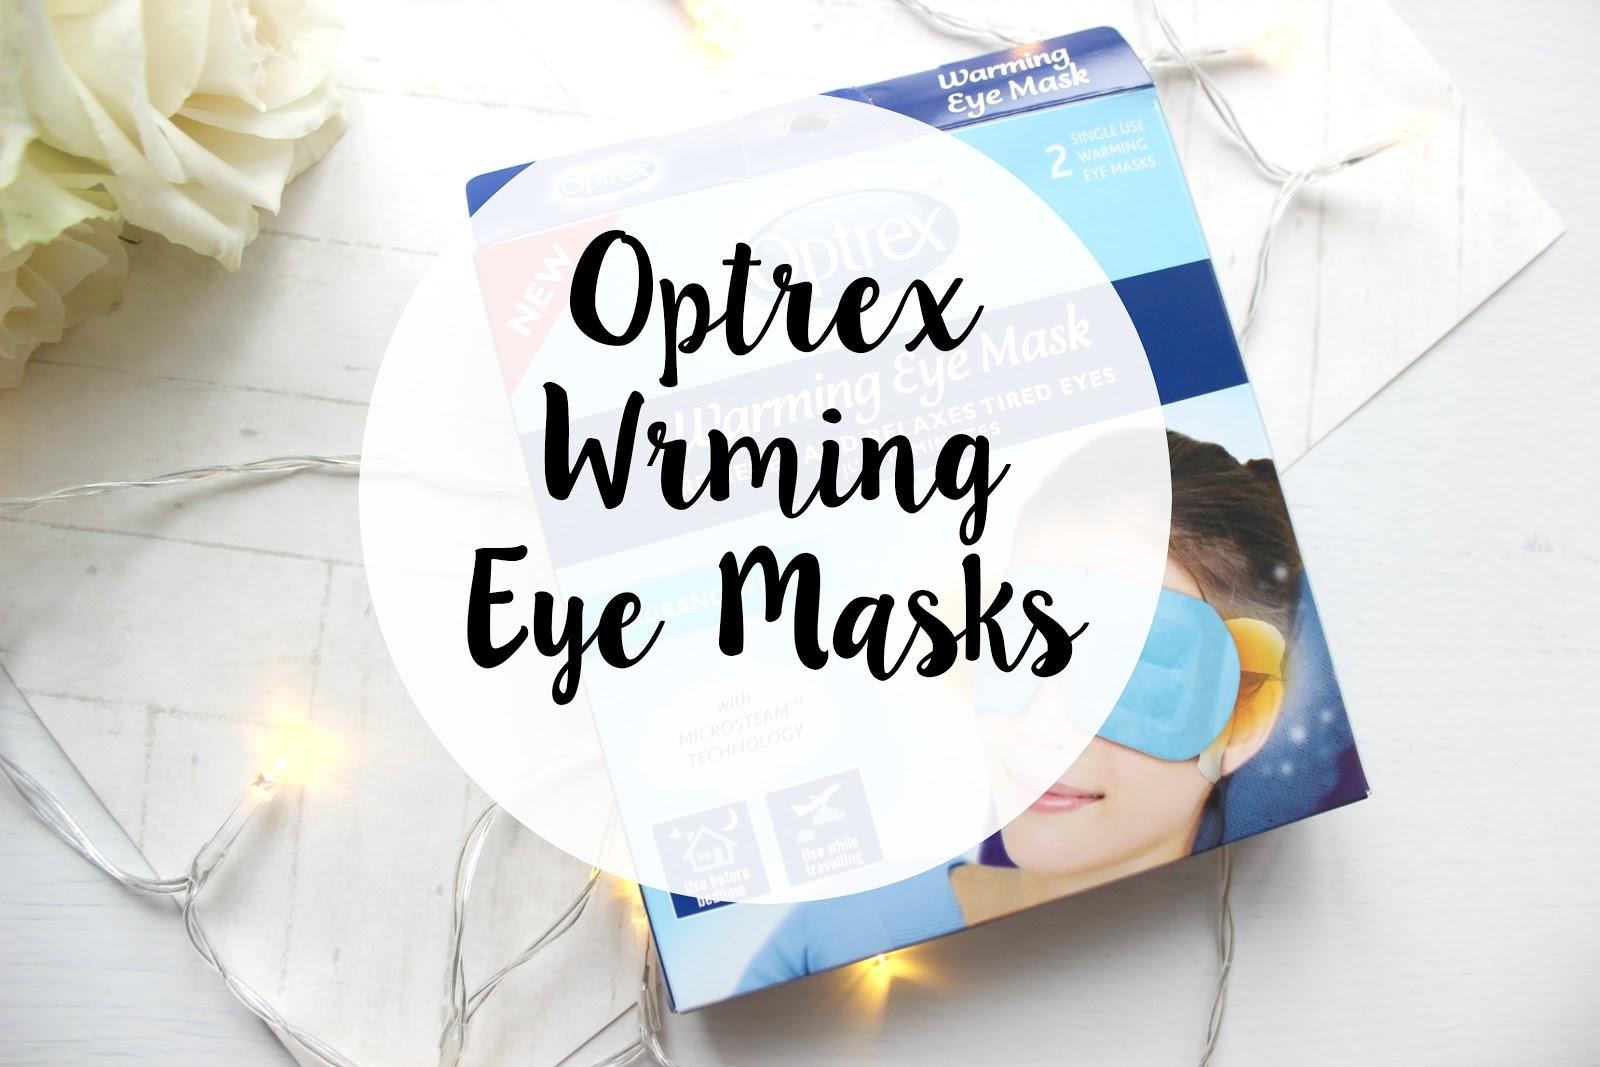 Optrex Warming Eye Masks , eye masks, optrex, warming mask, eyes, travel